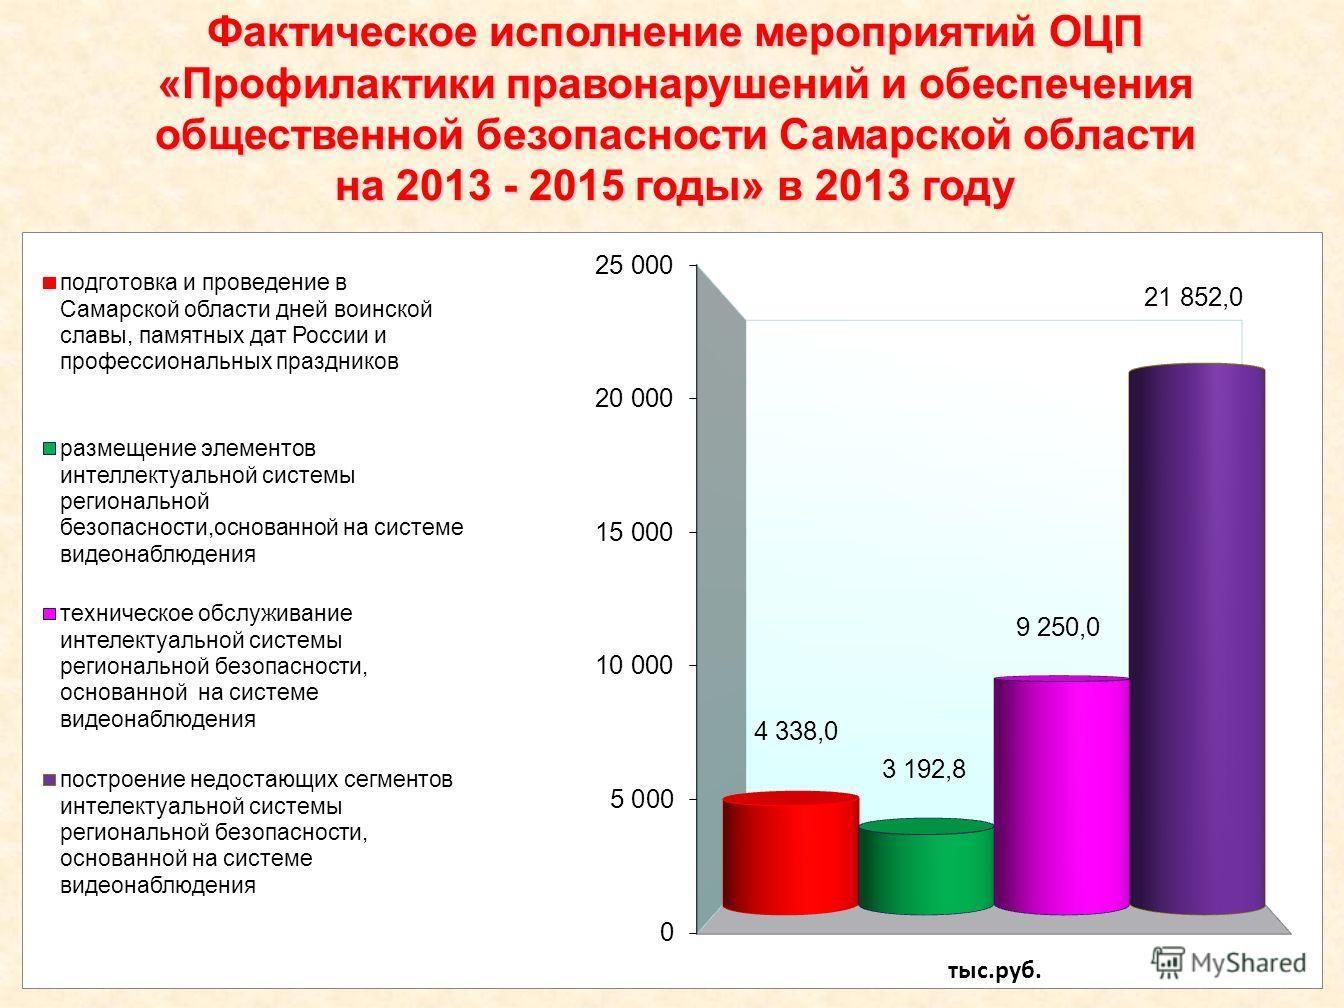 Фактическое исполнение мероприятий ОЦП «Профилактики правонарушений и обеспечения общественной безопасности Самарской области на 2013 - 2015 годы» в 2013 году